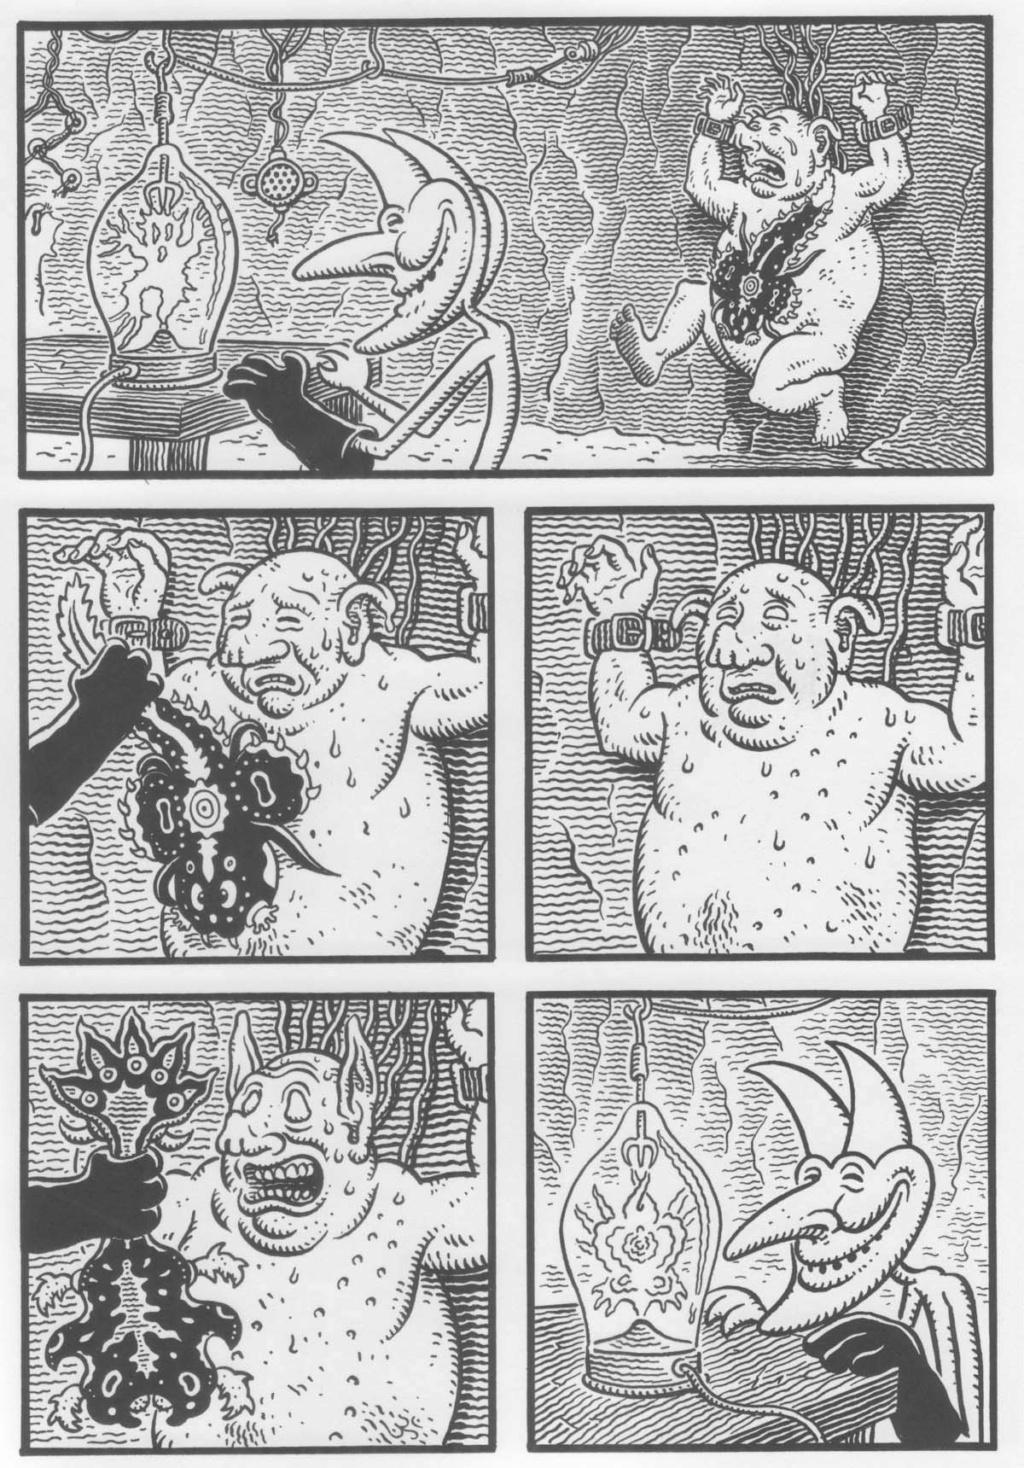 QUE COMIC ESTAS LEYENDO? - Página 20 Frank-11